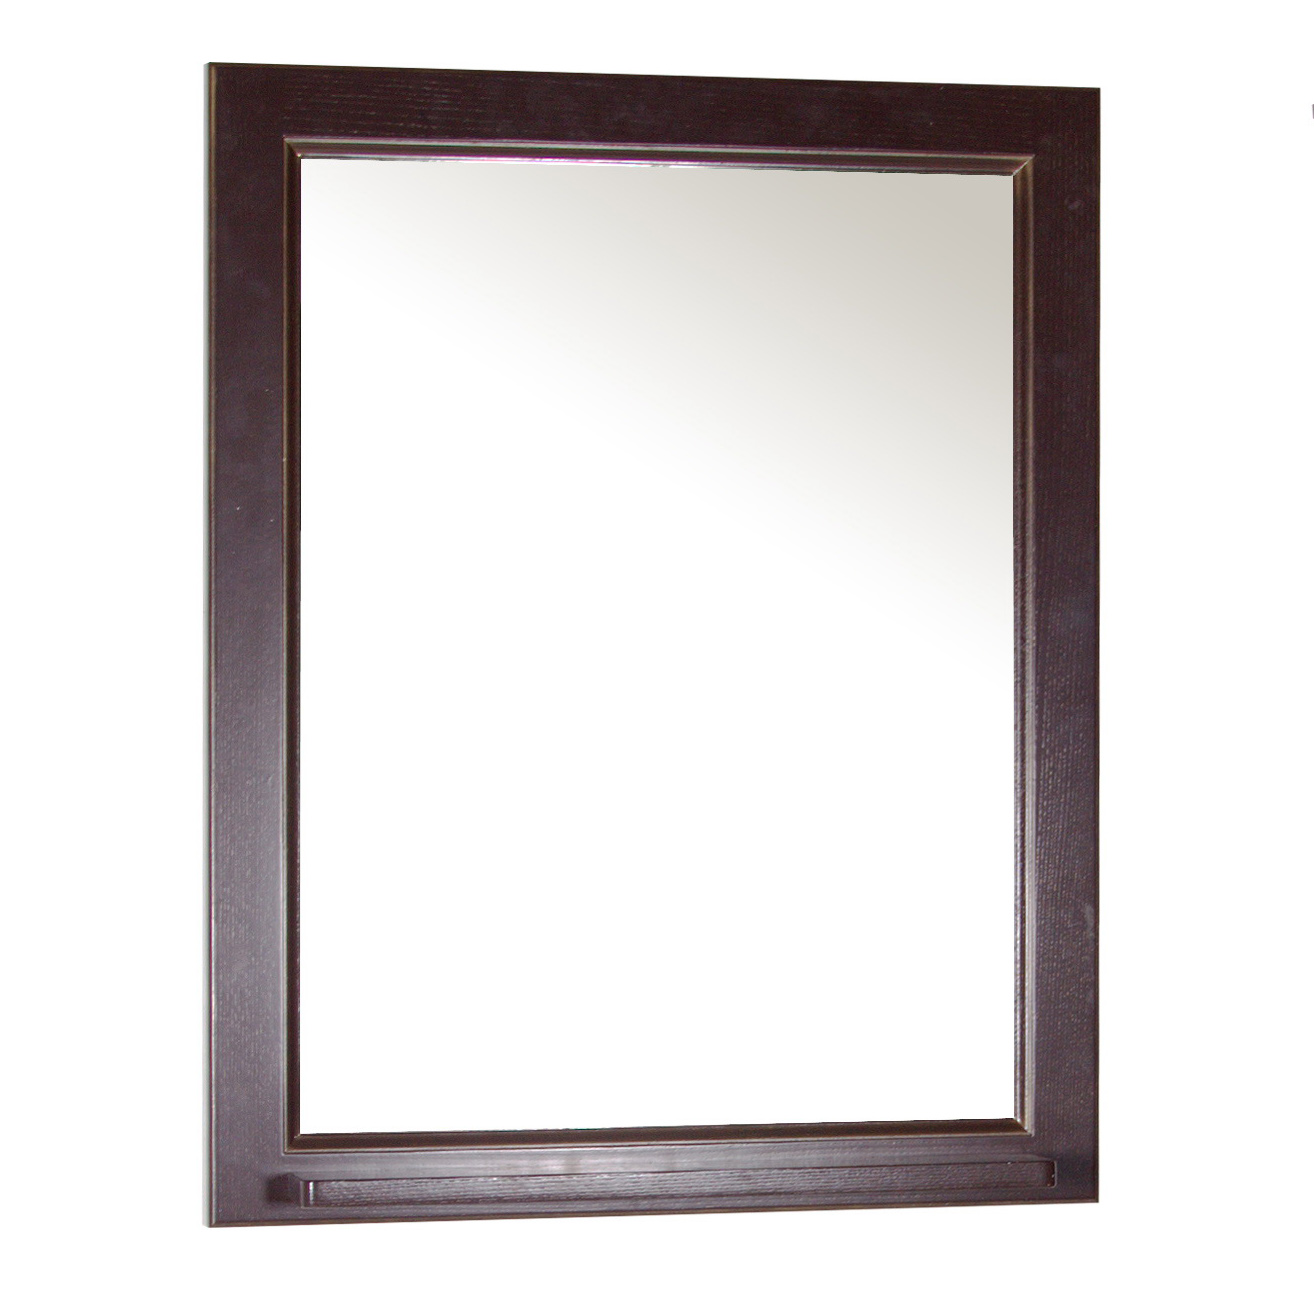 Зеркало АСБ мебель Бергамо 65 Woodline орех/патина золото